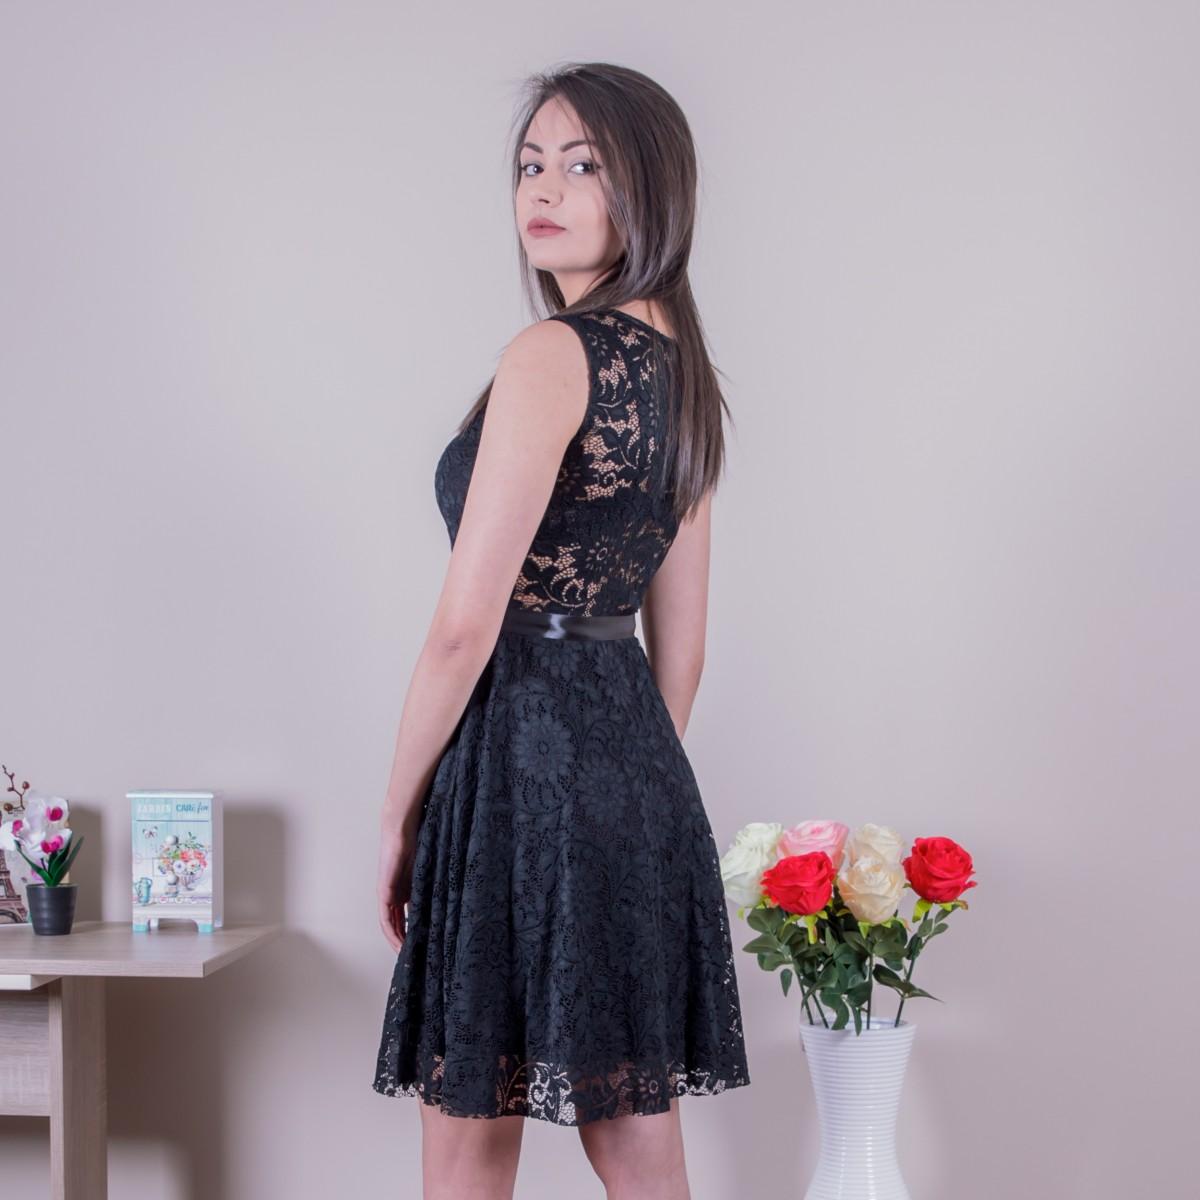 Дамска стилна рокля в черно Снимка 2 от 2